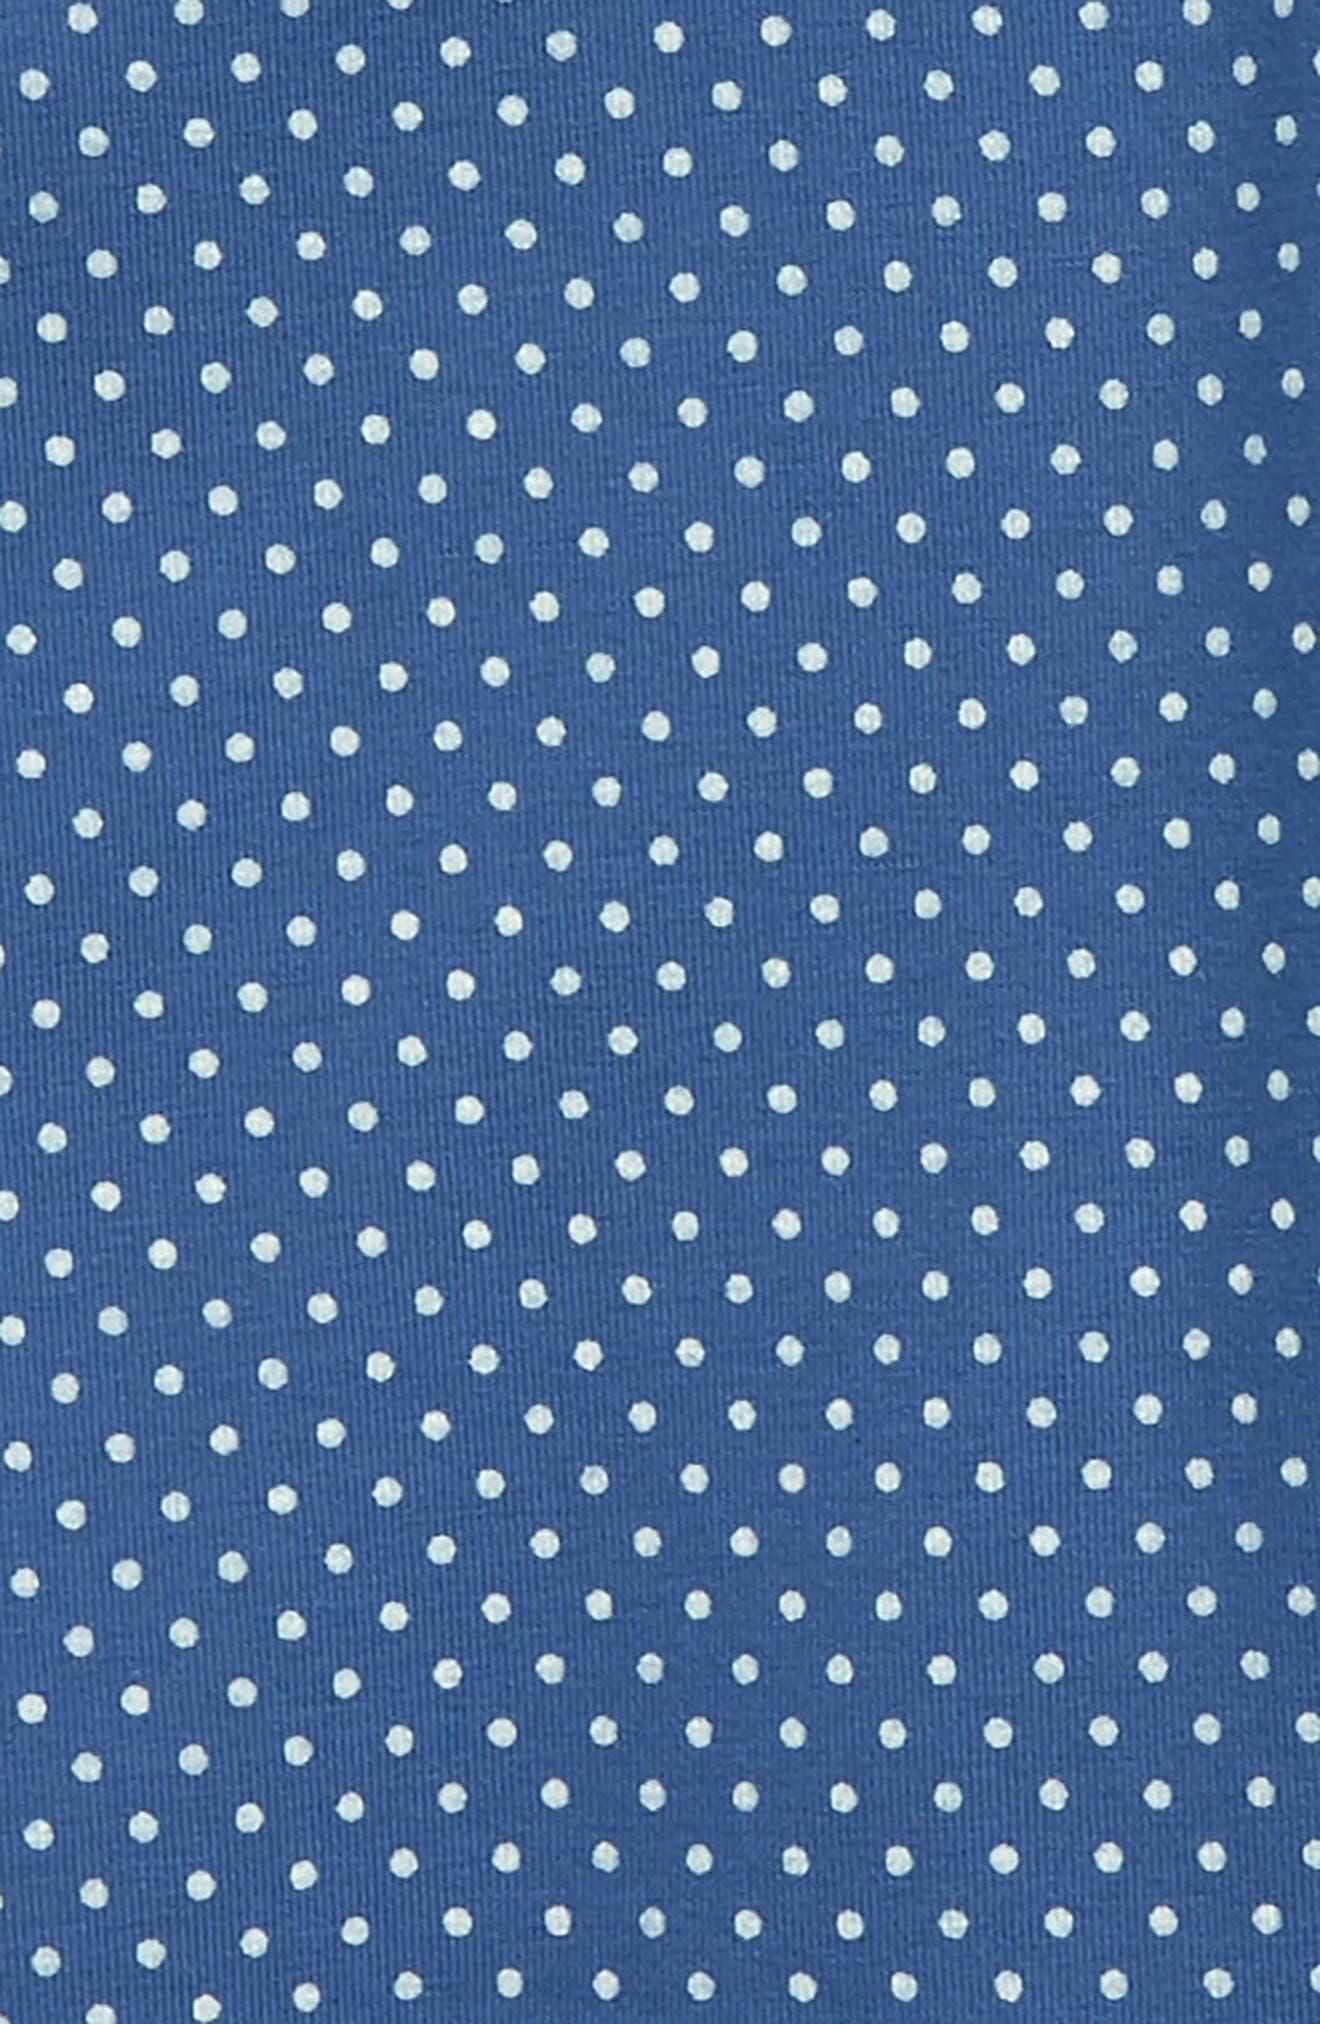 Pin Dot Capri Leggings,                             Alternate thumbnail 2, color,                             415